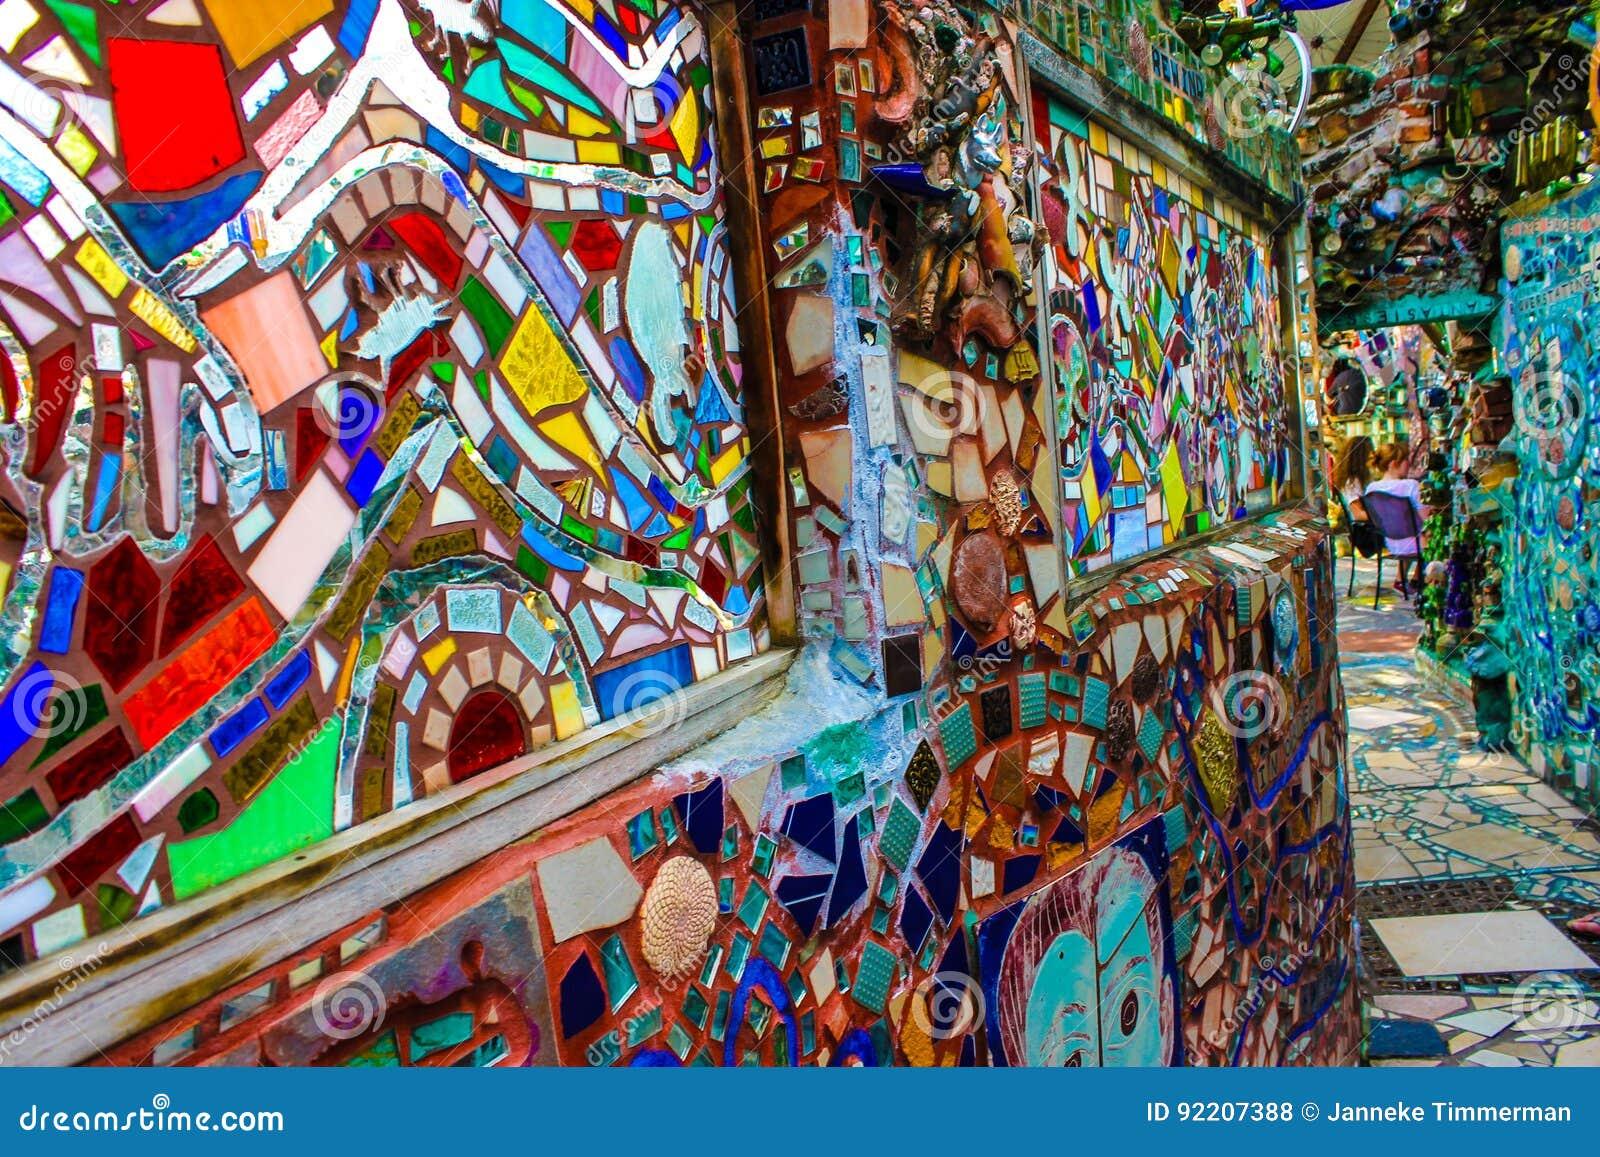 Magische Gärten Stockfoto Bild Von Gärten Mosaik Magie 92207388